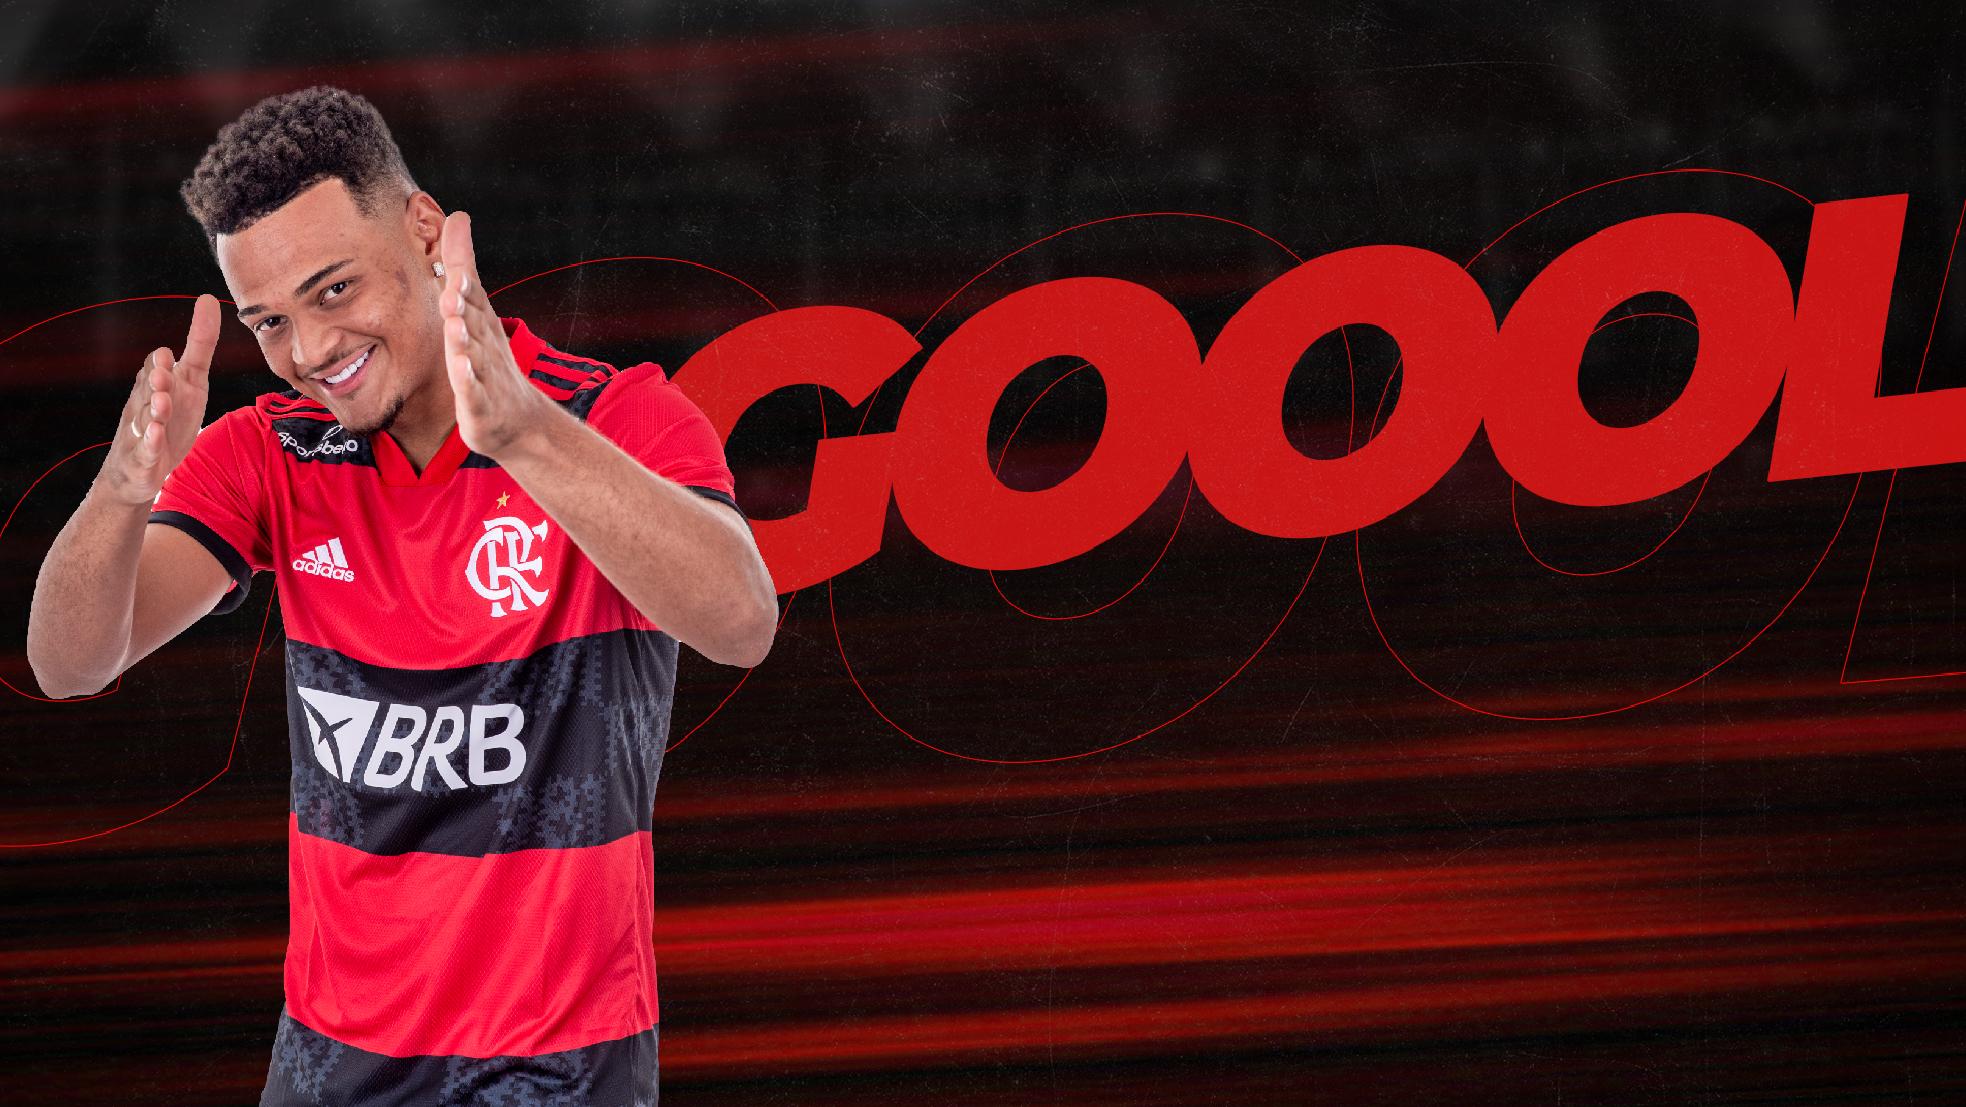 GOOOOOOOOOOOOOOL! Muniz marca mais um para o Flamengo